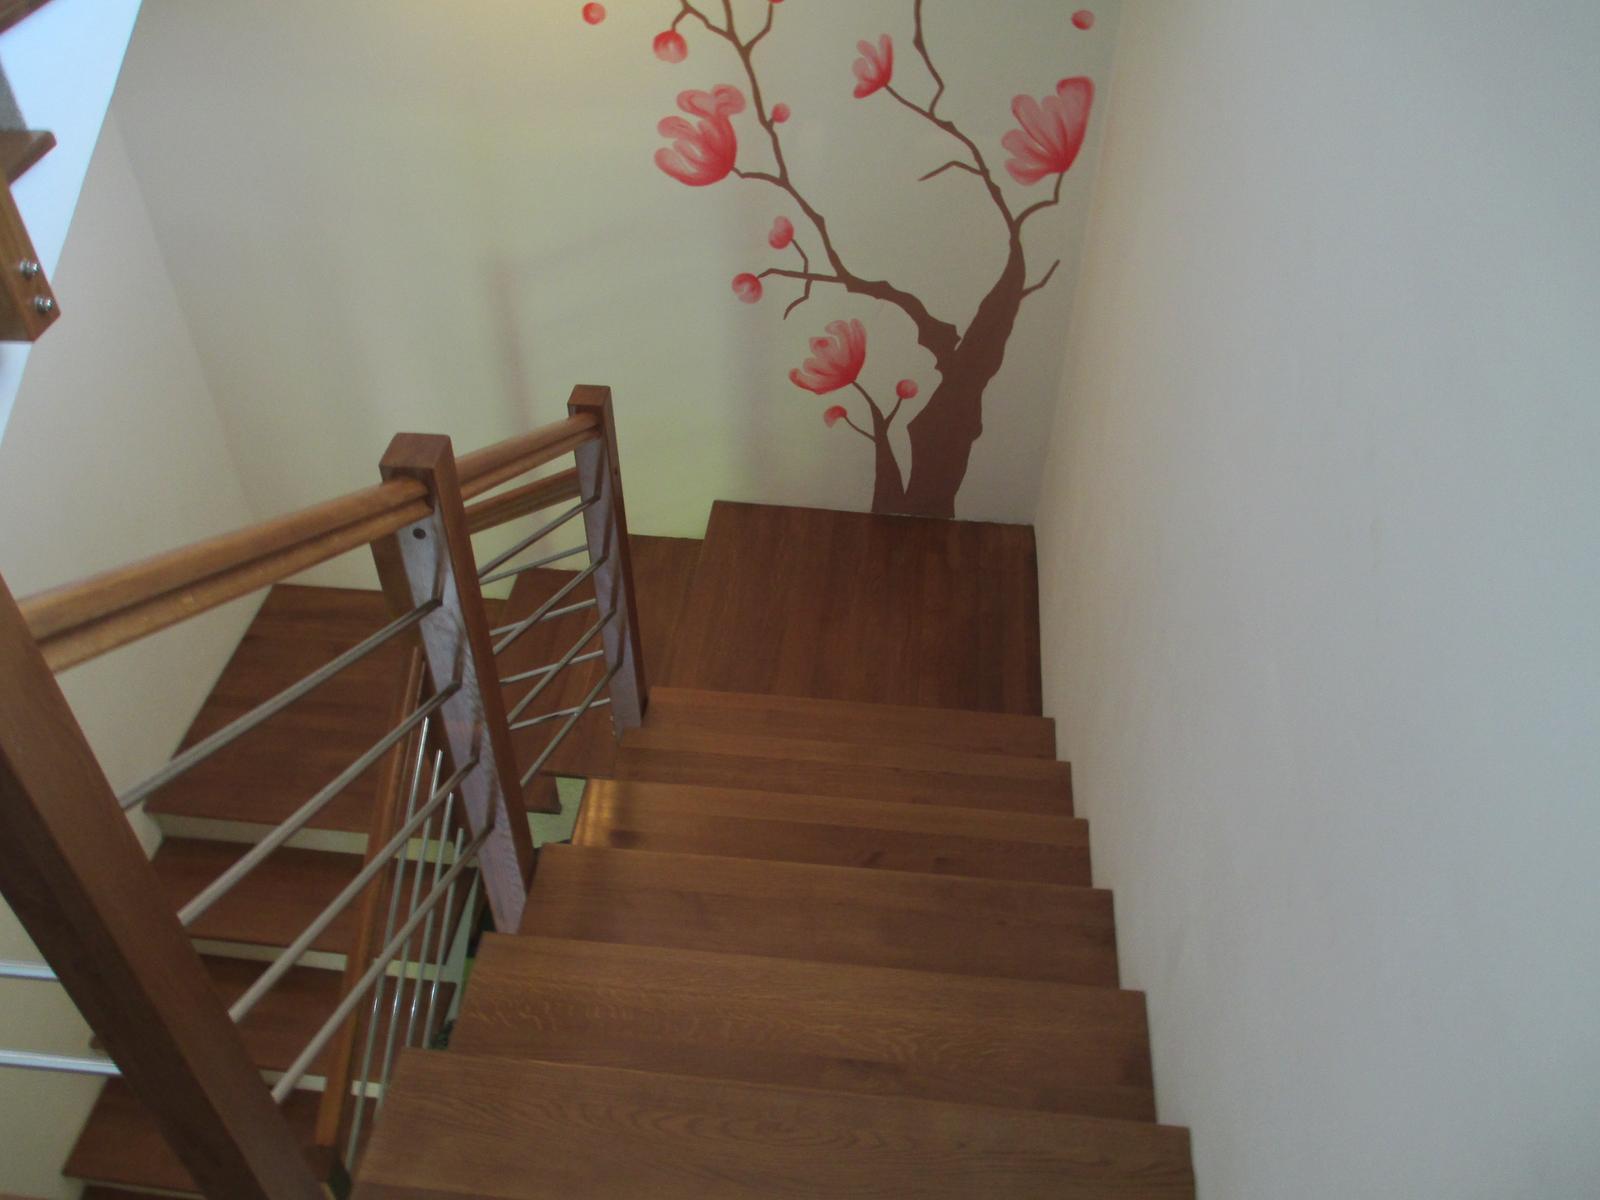 schody  - Obrázok č. 1